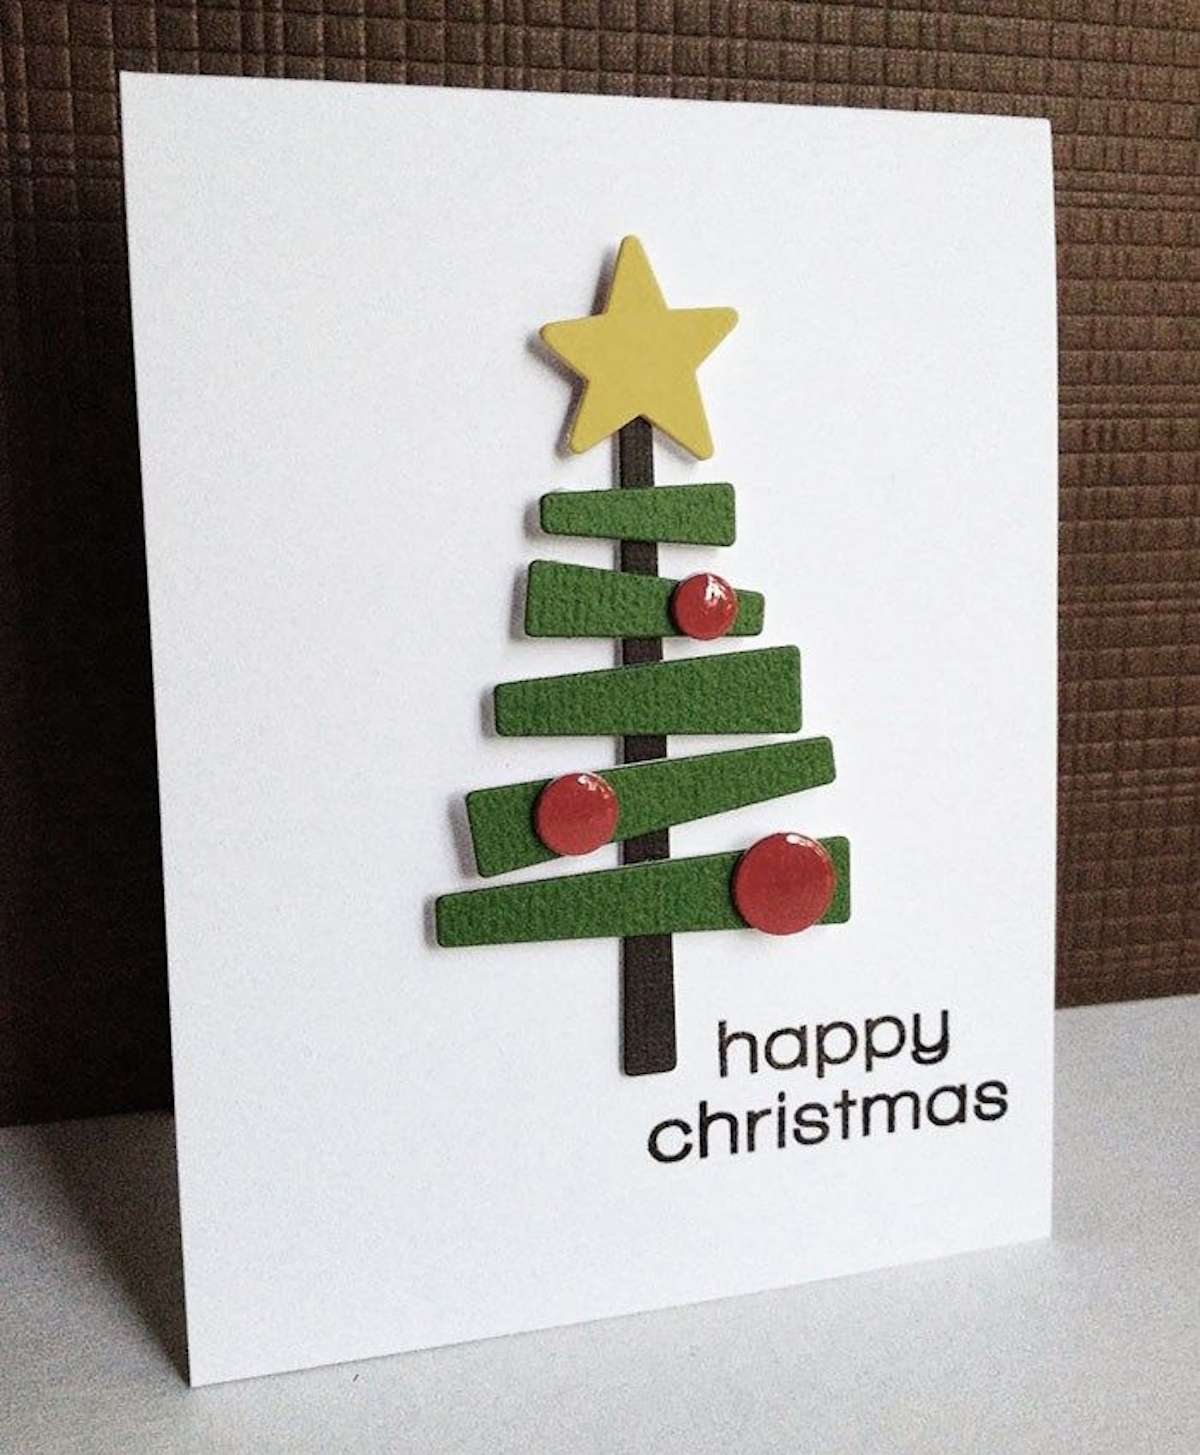 Originales tarjetas navideñas para felicitar las fiestas 2